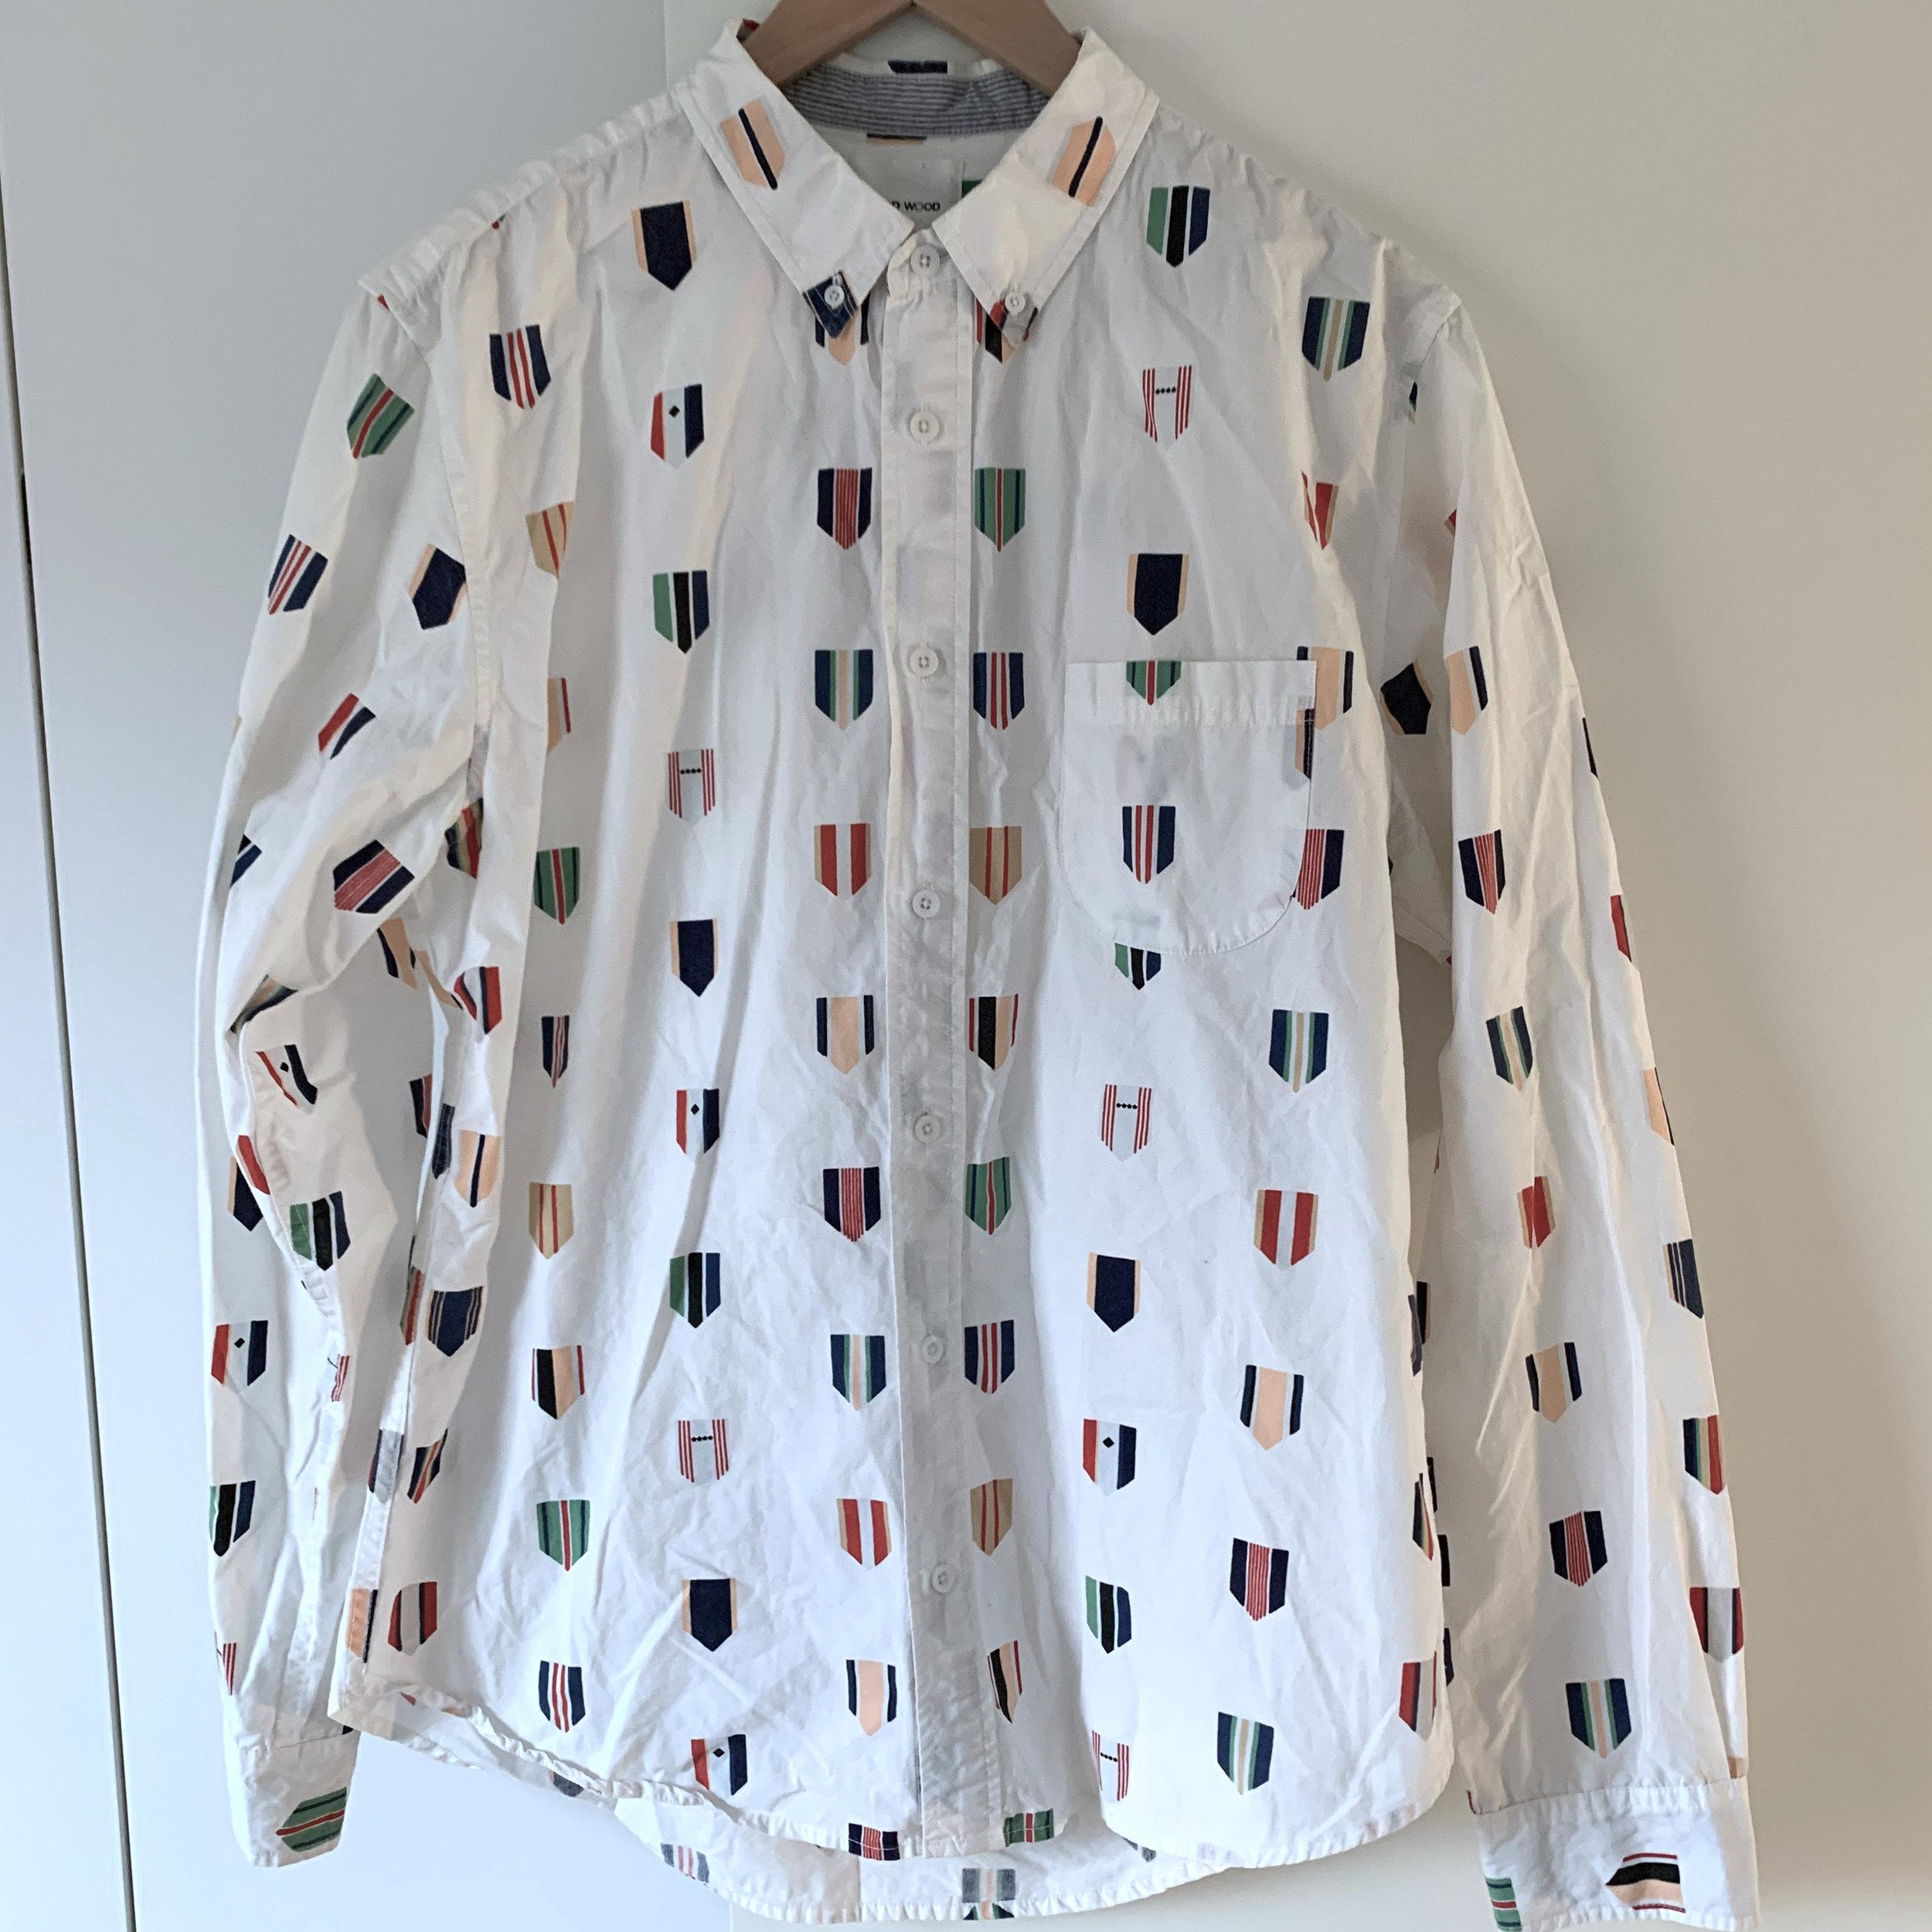 Wood Wood Skjorte.jpeg